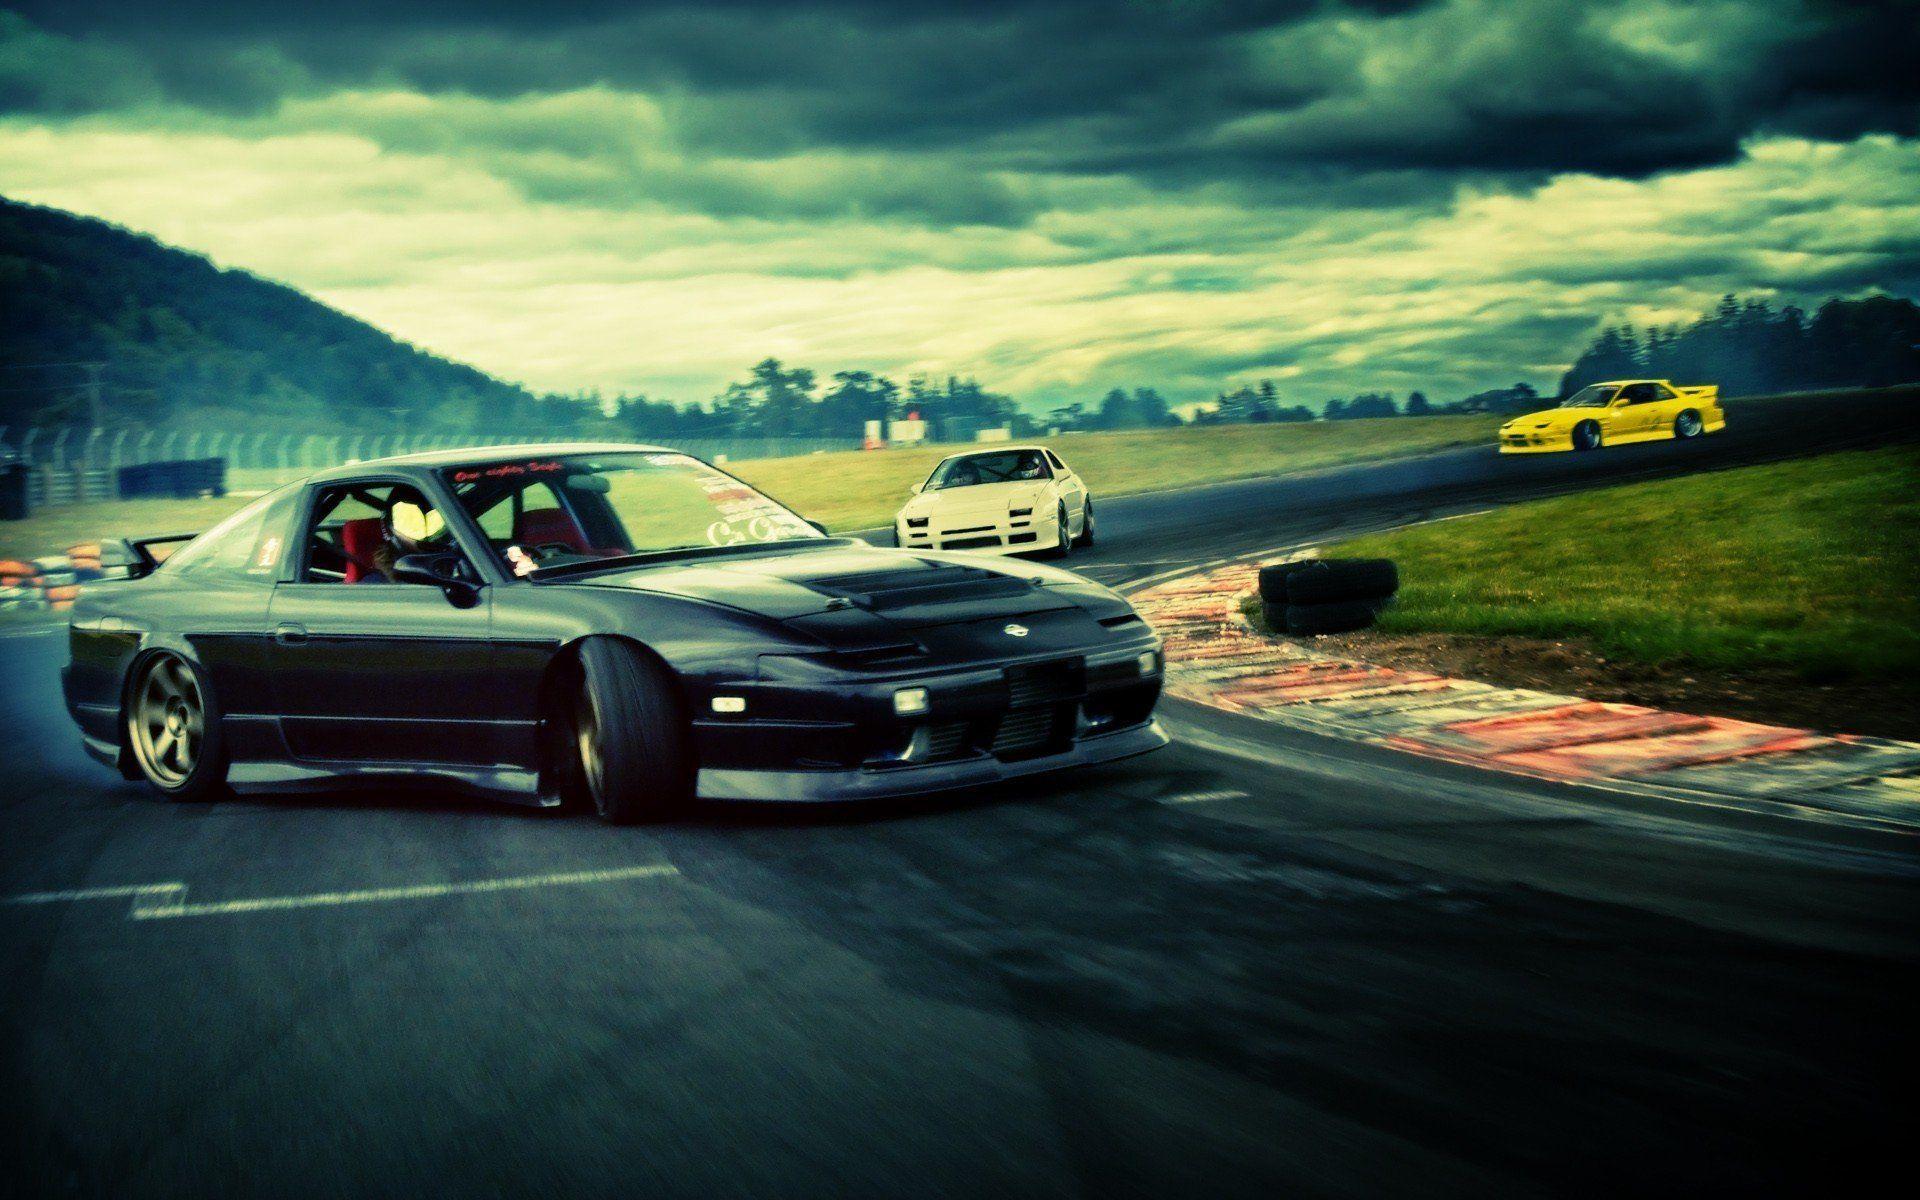 Drift 4k Wallpapers - Top Free Drift 4k Backgrounds ...